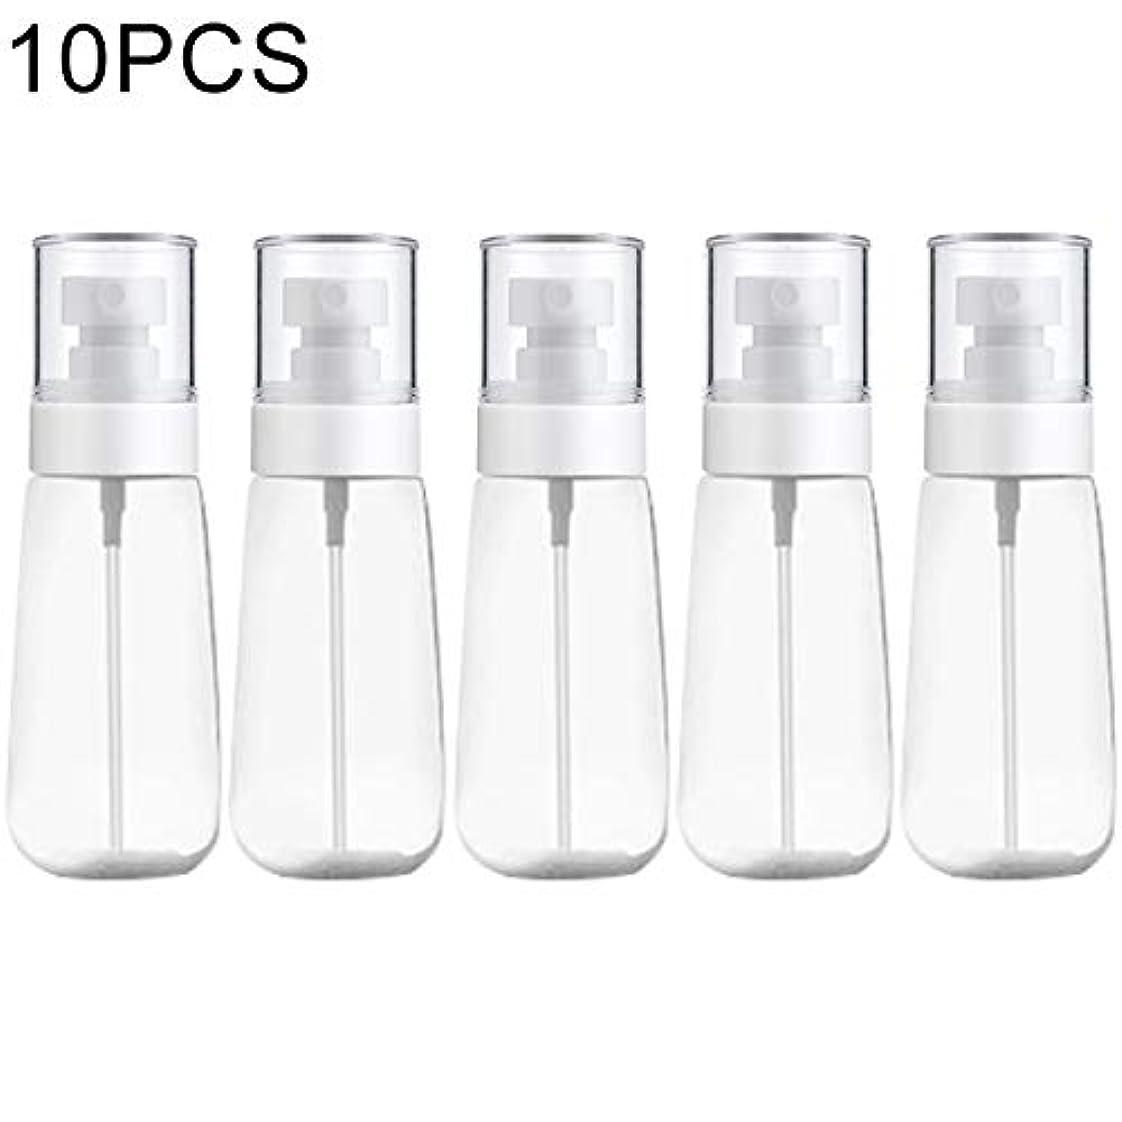 厳密に無駄たるみMEI1JIA QUELLIA 10 PCSポータブル詰め替えプラスチックファインミスト香水スプレーボトル透明な空のスプレースプレーボトル、80ミリリットル(透明) (色 : Transparent)